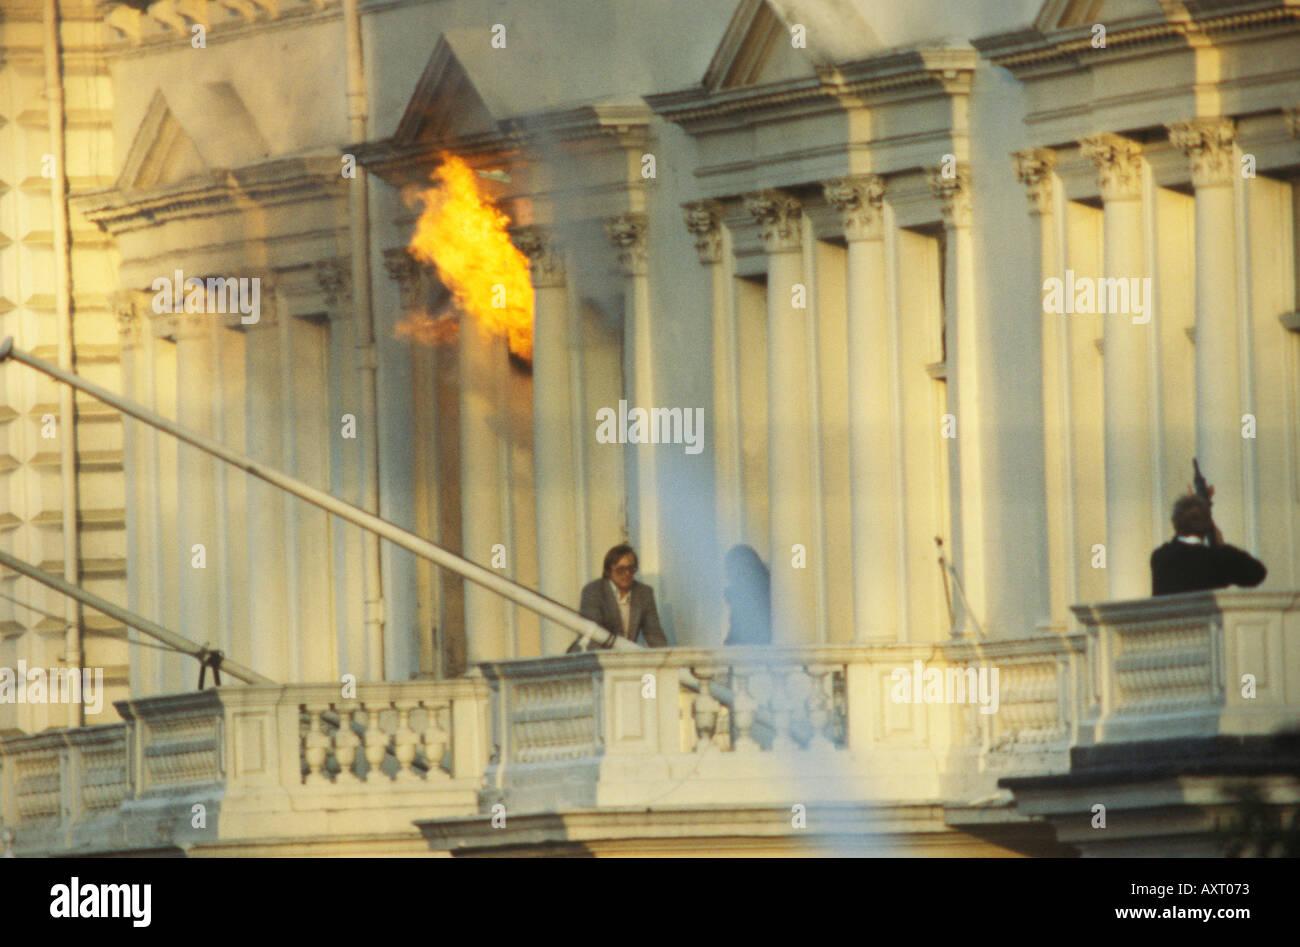 Asedio a la embajada de Irán el 5 de mayo de 1980, Londres, Reino Unido 1980 UK Circa 1985 Homero SYKES Foto de stock